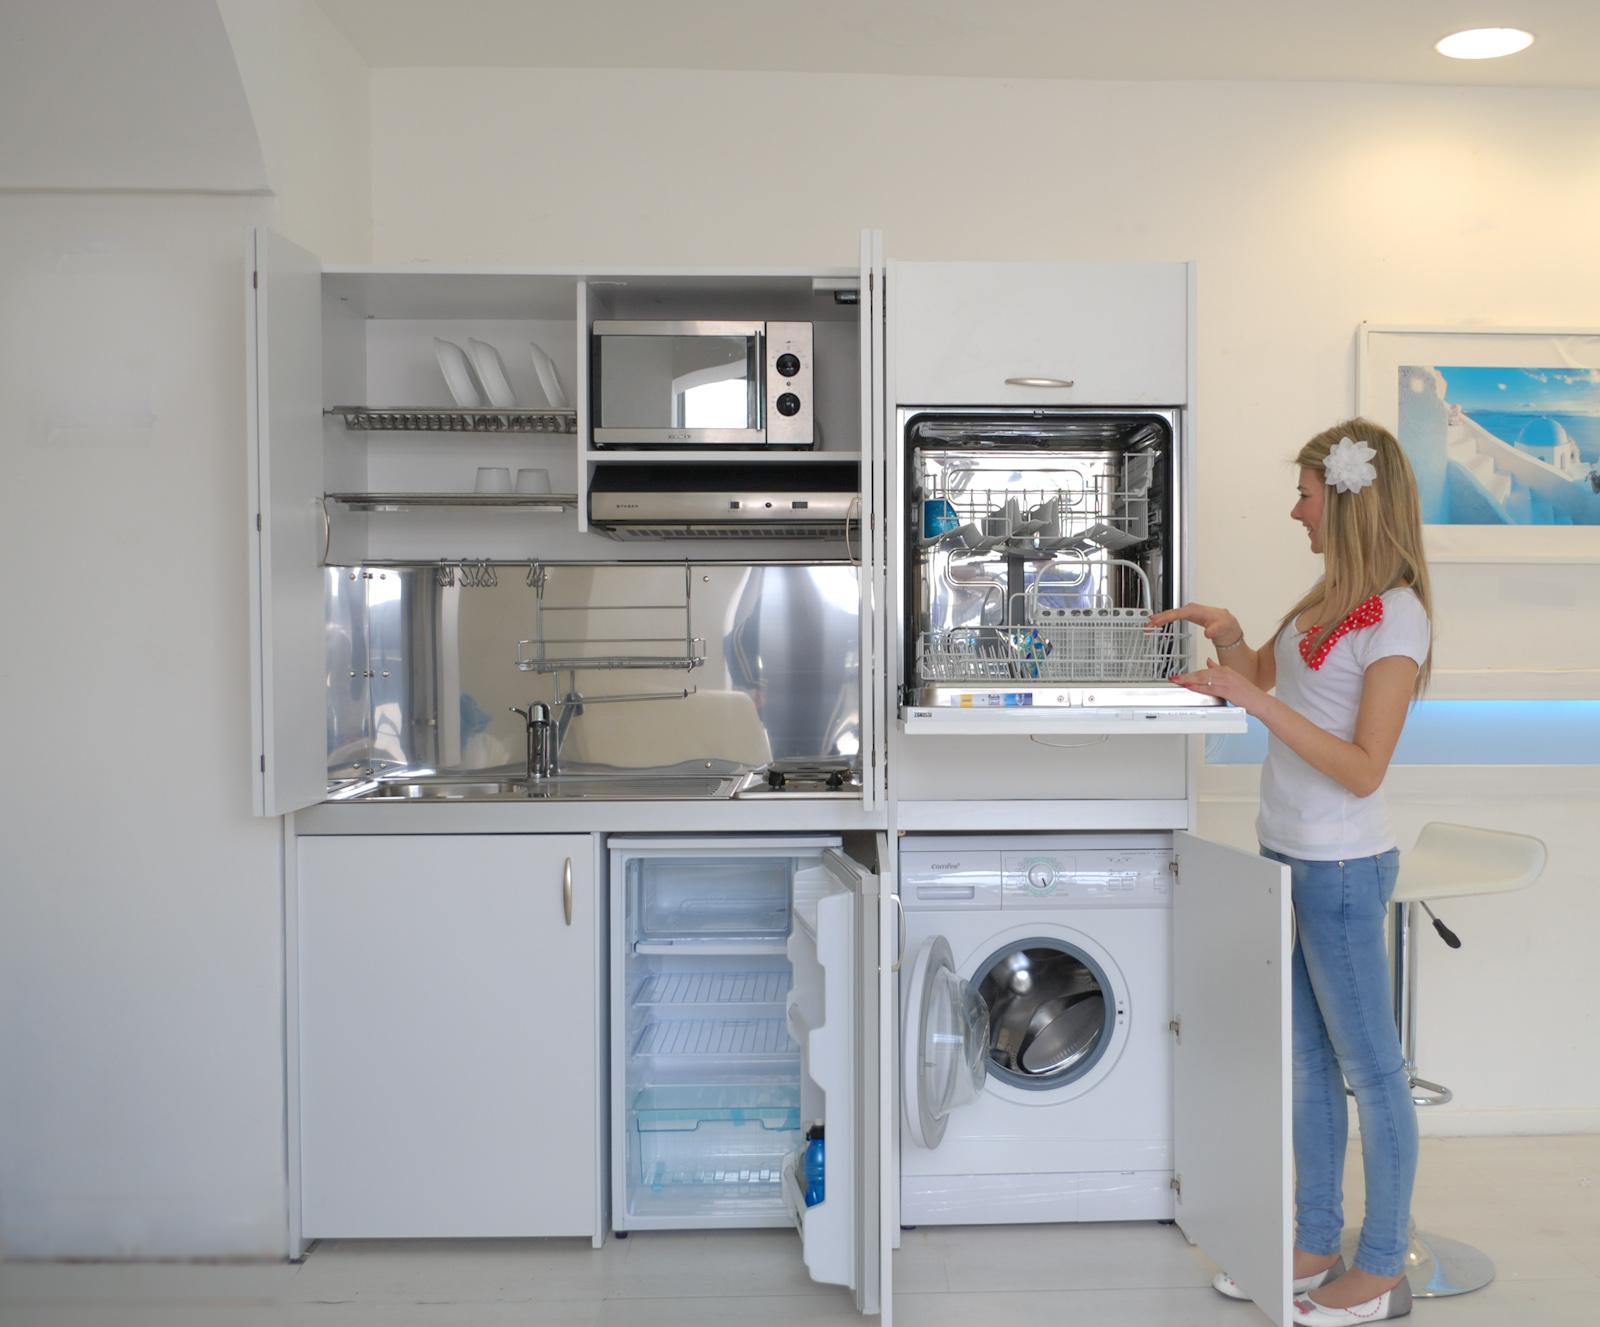 Monoblocco cucine salvaspazio compact con serranda - Cucine con lavatrice ...